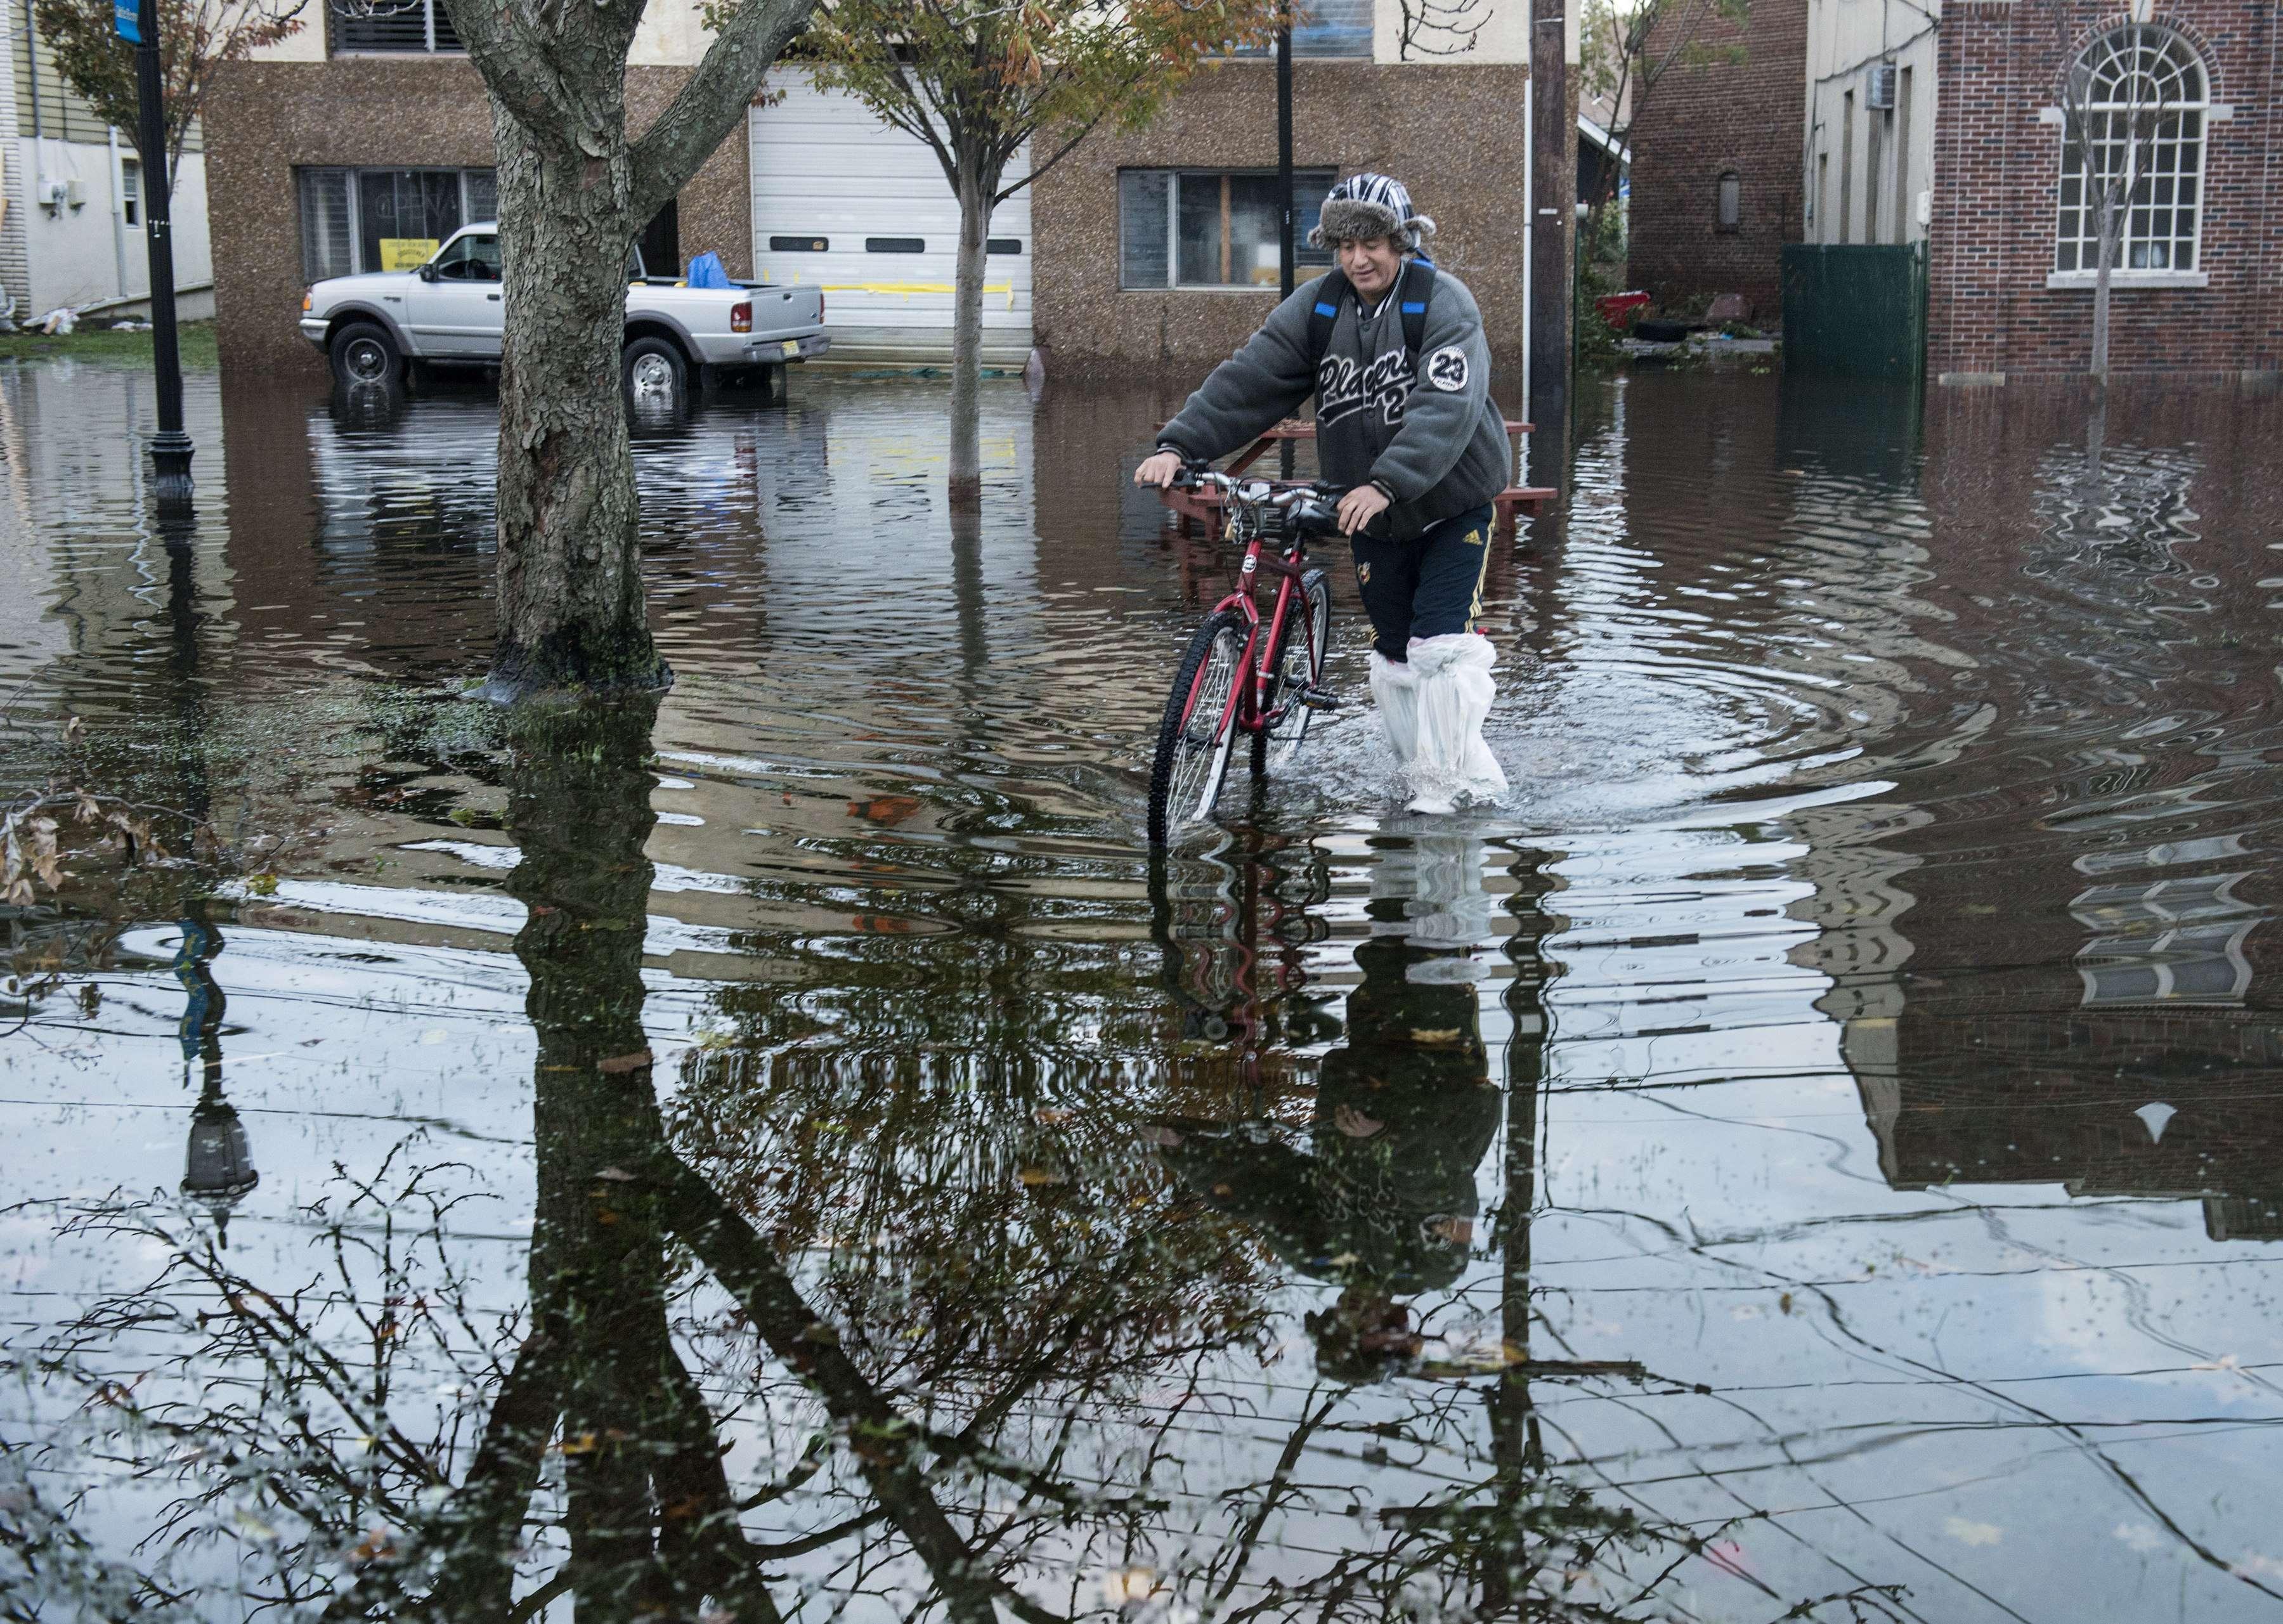 Después de 'Sandy', afectados buscan volver a la normalidad